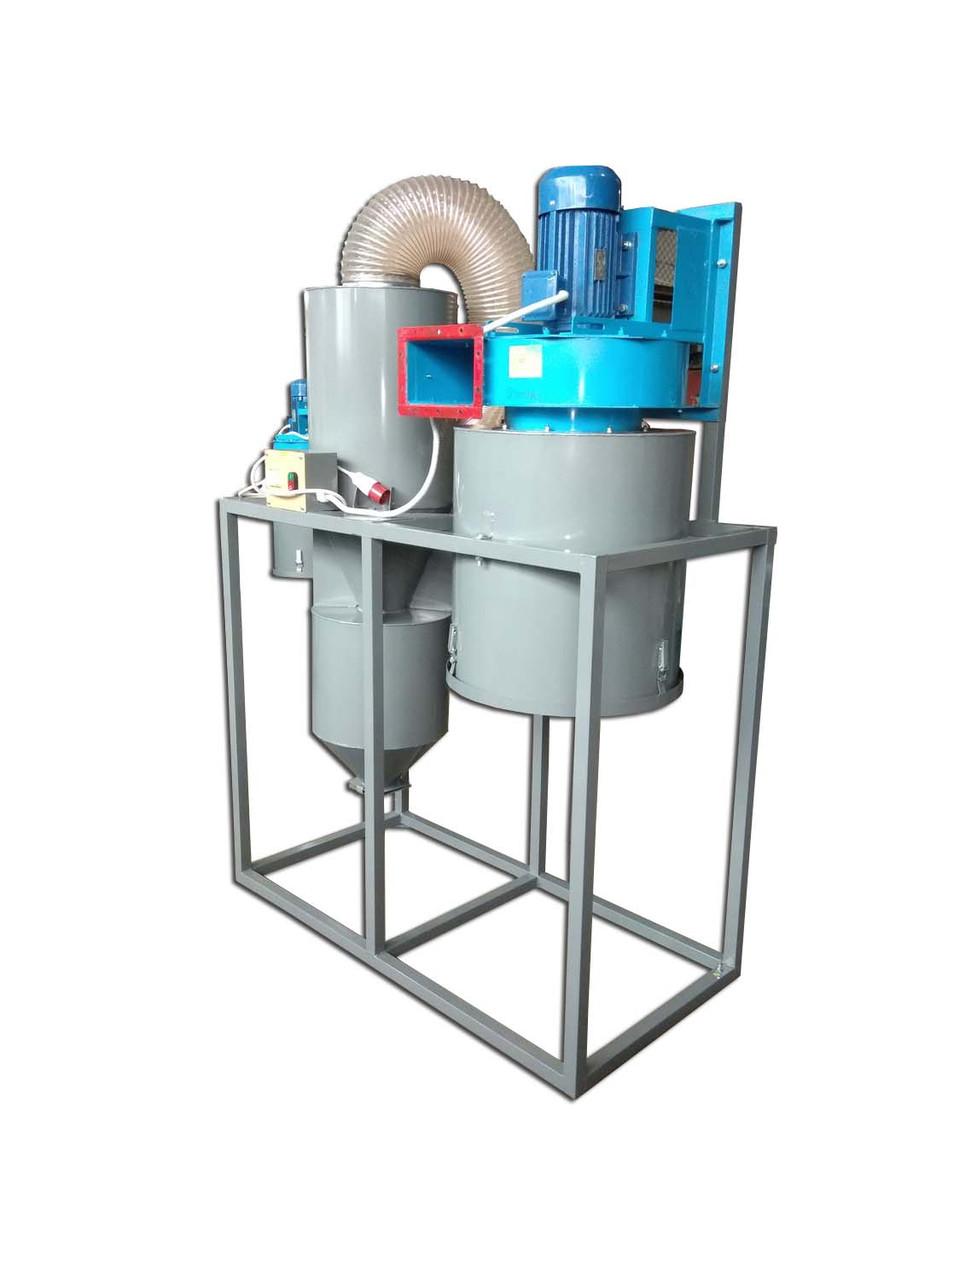 Промышленная аспирационная установка для очистки воздуха | аспирация металлической стружки PsTech